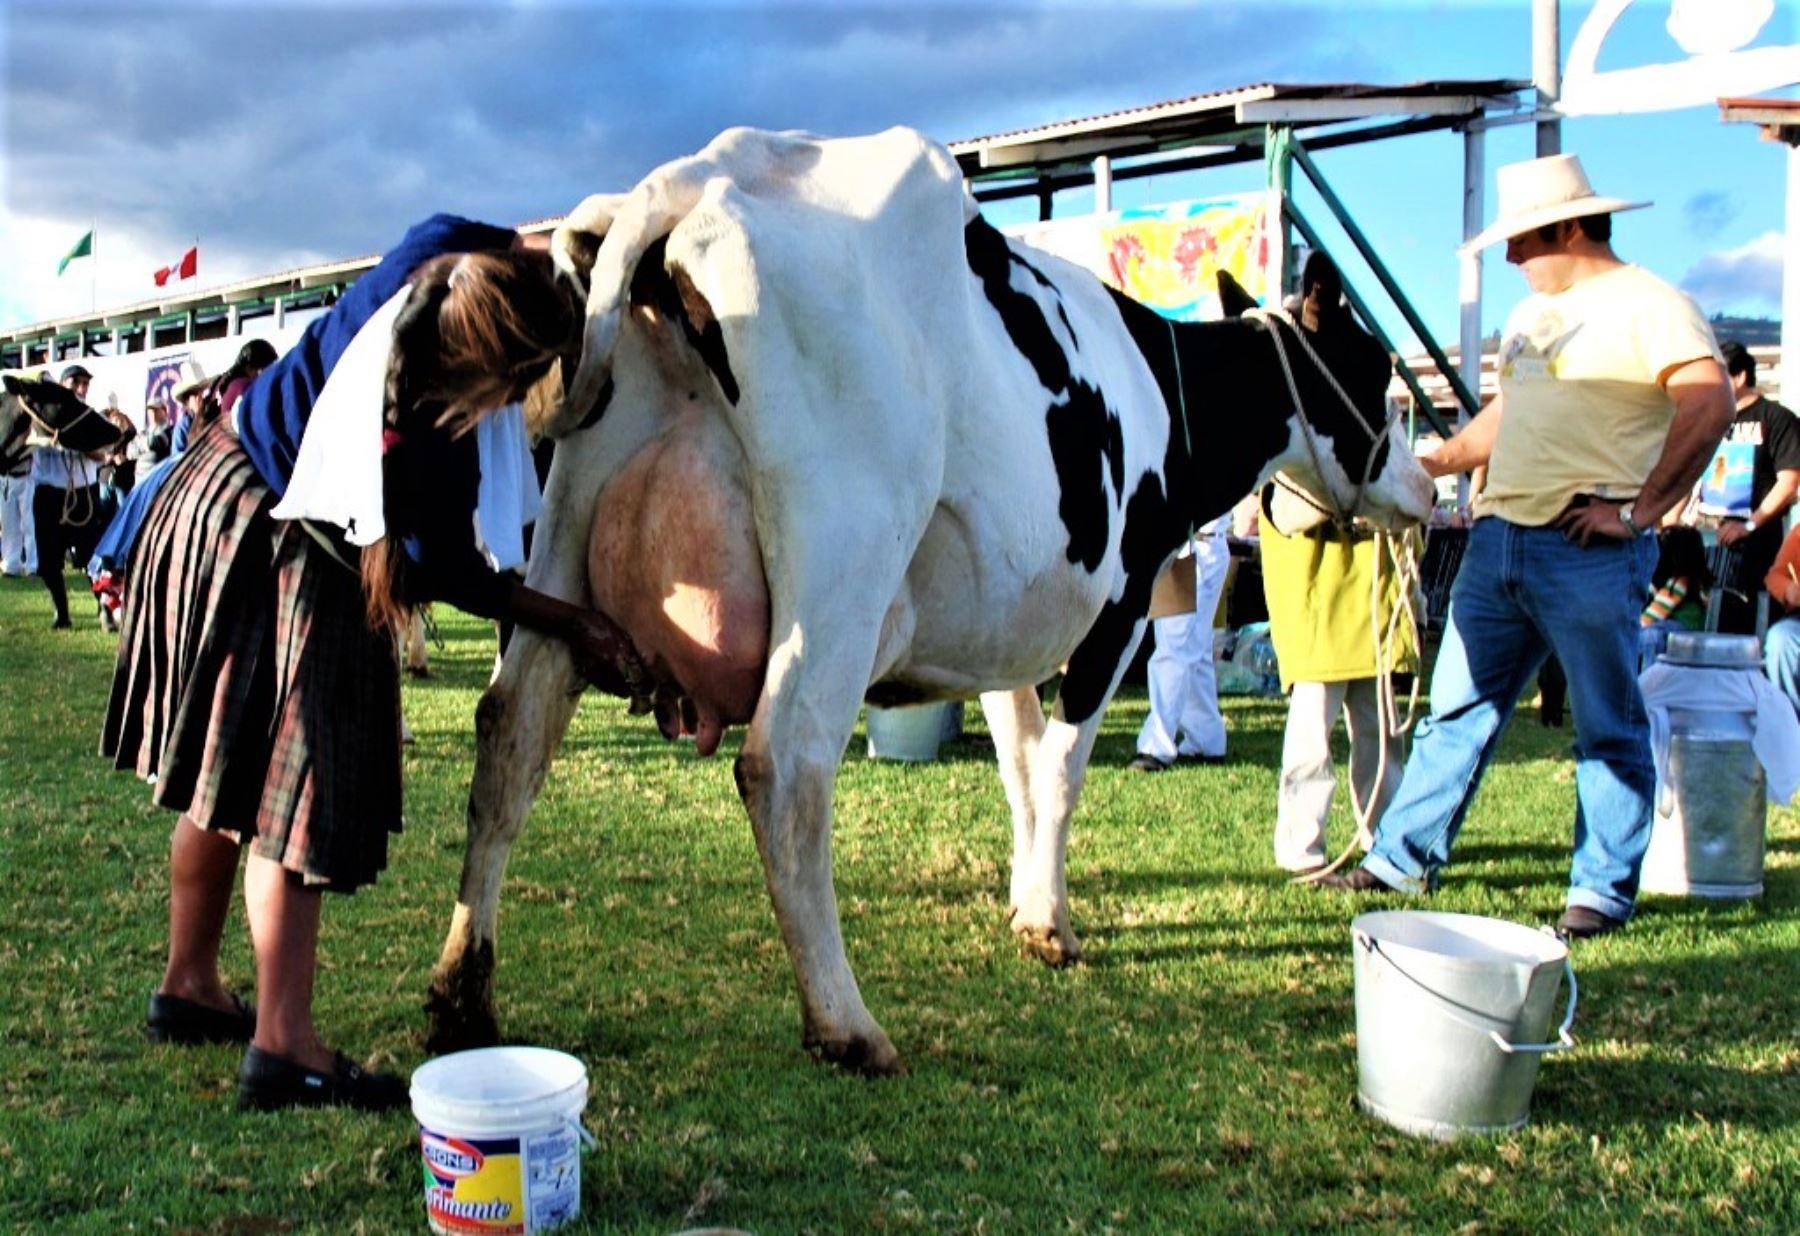 Los productos lácteos necesitan estar bajo un proceso de enfriamiento durante su transporte, el cual muchos productores no poseen.